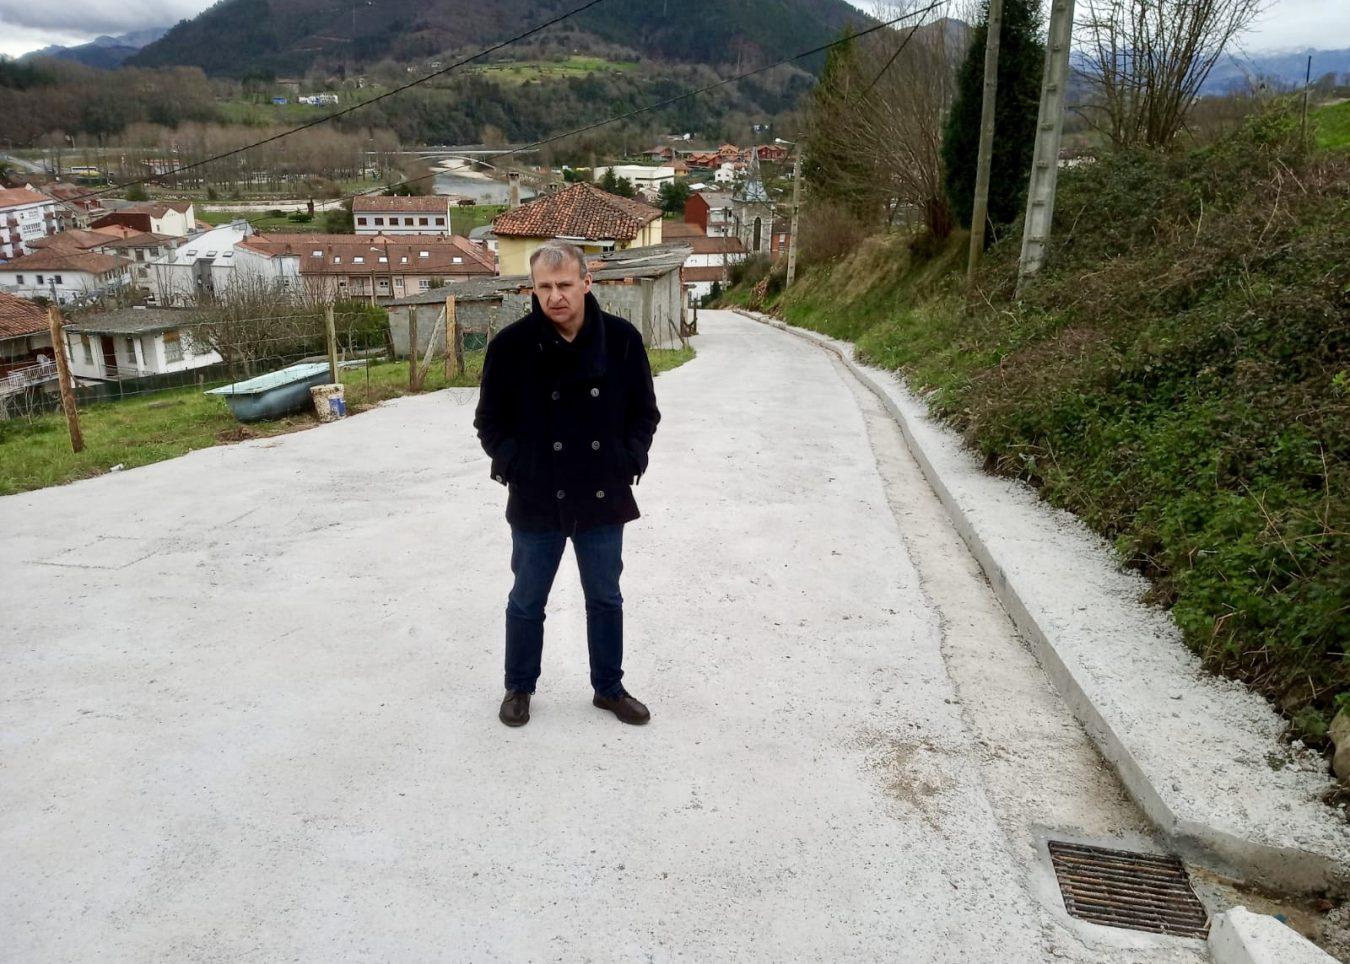 El Ayuntamiento de Parres concluye la mejora de acceso al barrio de La Mermellina de Arriondas